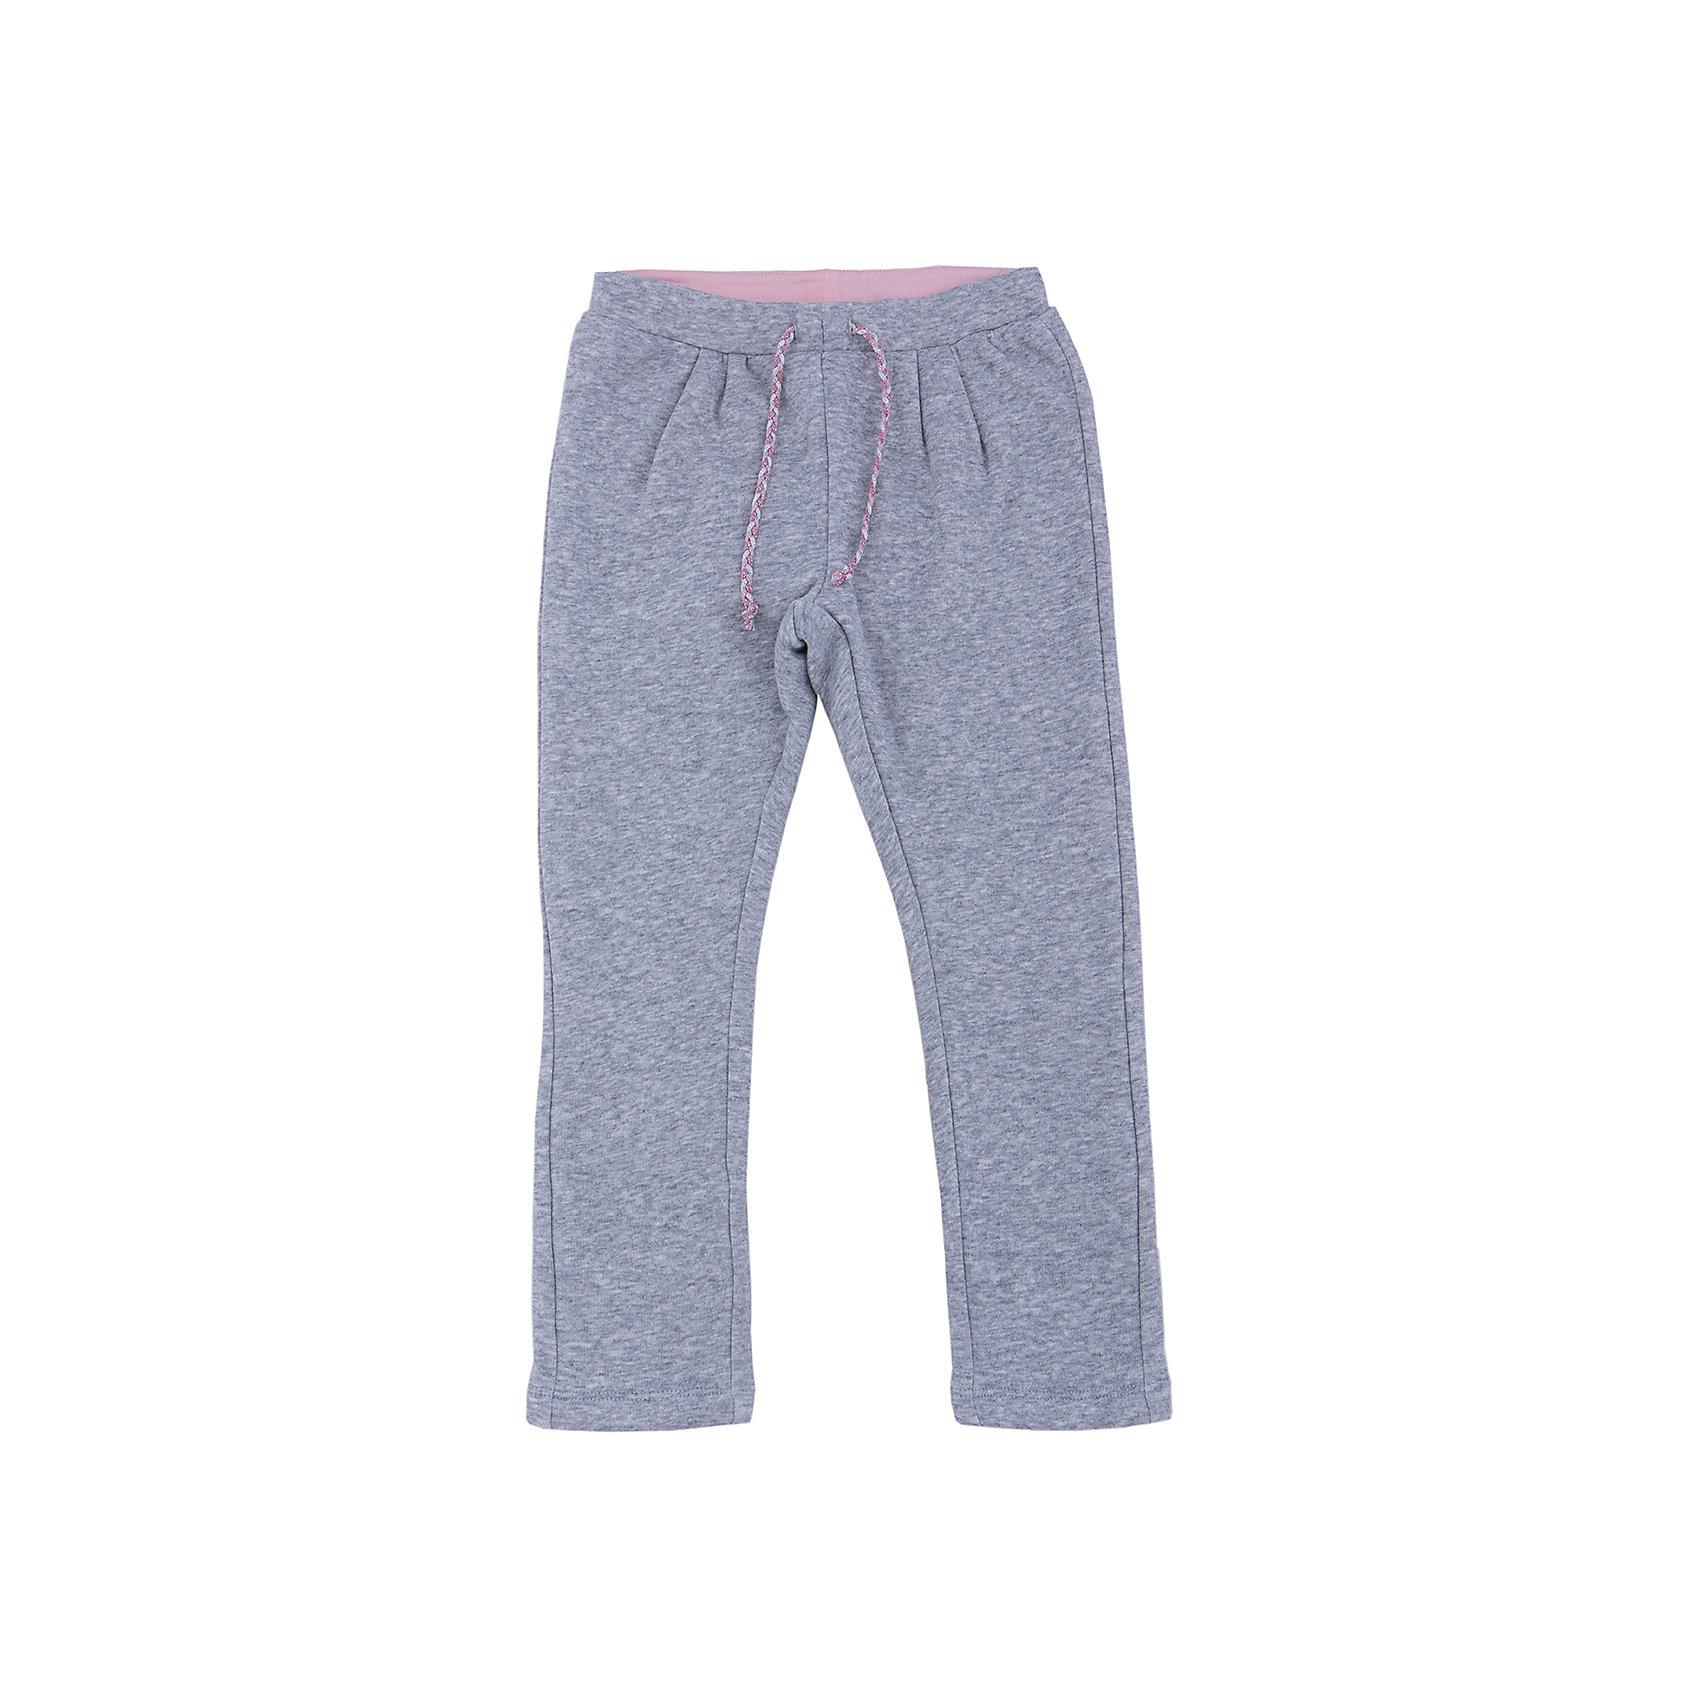 Брюки для девочки SELAБрюки<br>Спортивные брюки - незаменимая вещь в детском гардеробе. Эта модель отлично сидит на ребенке, она сшита из приятного на ощупь материала, натуральный хлопок не вызывает аллергии и обеспечивает ребенку комфорт. Модель станет отличной базовой вещью, которая будет уместна в различных сочетаниях.<br>Одежда от бренда Sela (Села) - это качество по приемлемым ценам. Многие российские родители уже оценили преимущества продукции этой компании и всё чаще приобретают одежду и аксессуары Sela.<br><br>Дополнительная информация:<br><br>цвет: серый;<br>материал: 50 % хлопок, 50% ПЭ;<br>плотный материал;<br>шнурок и резинка в поясе.<br><br>Брюки для девочки от бренда Sela можно купить в нашем интернет-магазине.<br><br>Ширина мм: 215<br>Глубина мм: 88<br>Высота мм: 191<br>Вес г: 336<br>Цвет: серый<br>Возраст от месяцев: 60<br>Возраст до месяцев: 72<br>Пол: Женский<br>Возраст: Детский<br>Размер: 116,98,104,110<br>SKU: 4944044